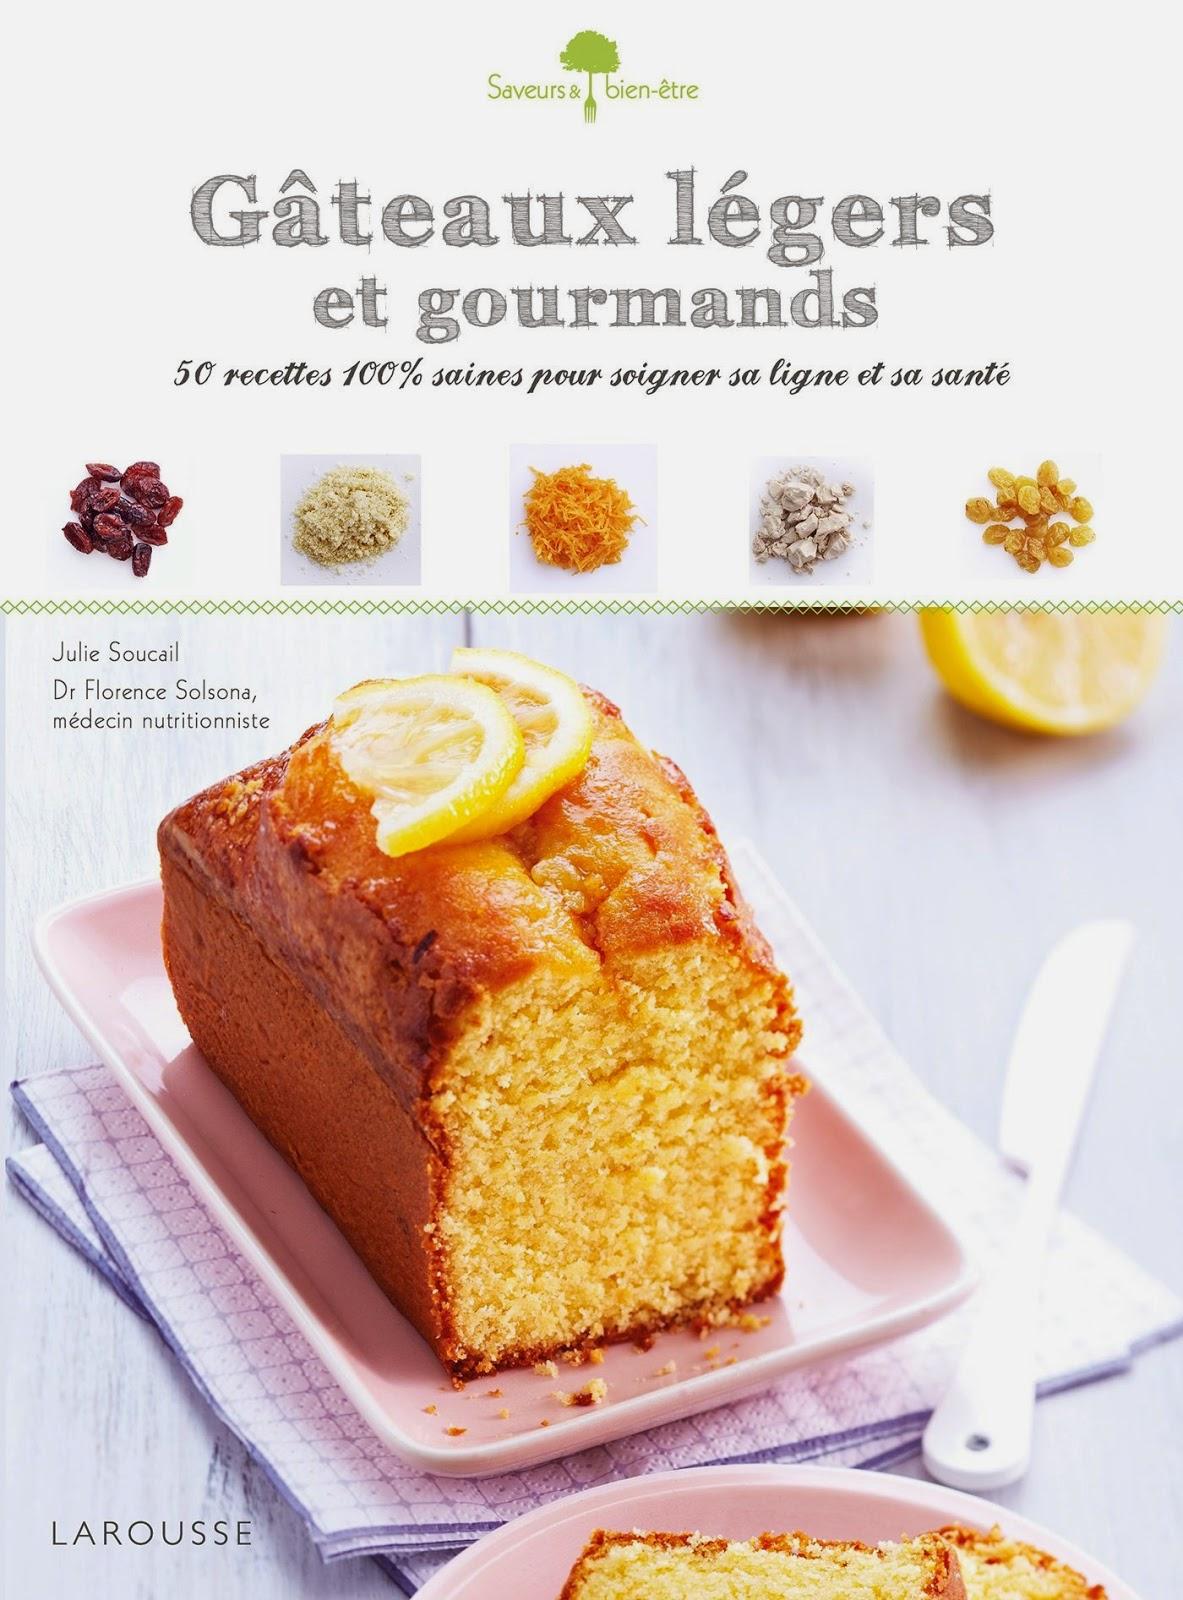 http://www.amazon.fr/G%C3%A2teaux-l%C3%A9gers-gourmands-Julie-Soucail/dp/2035906784/ref=pd_bxgy_b_img_y